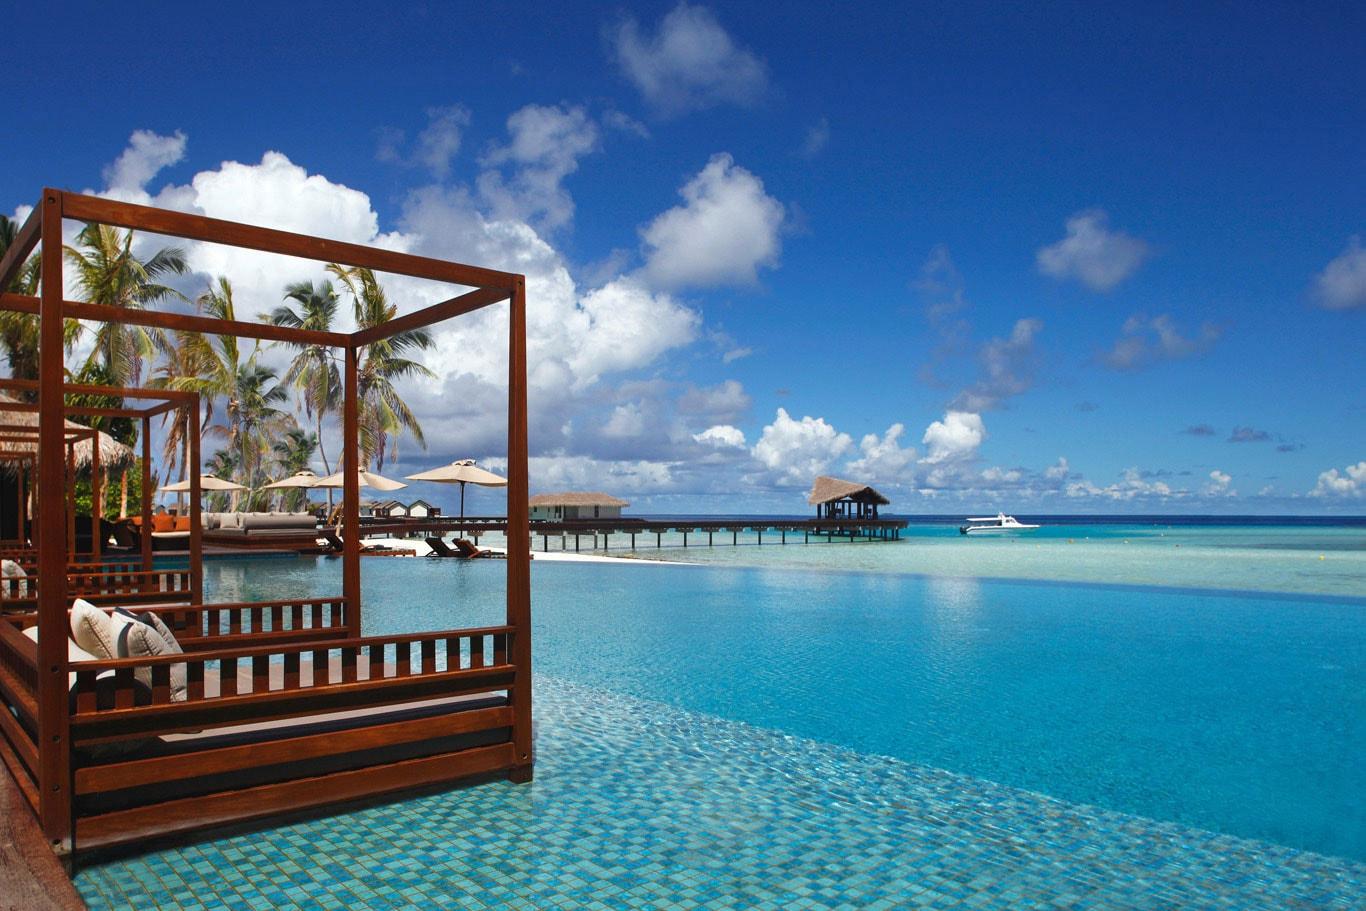 The Residence Falhumaafushi